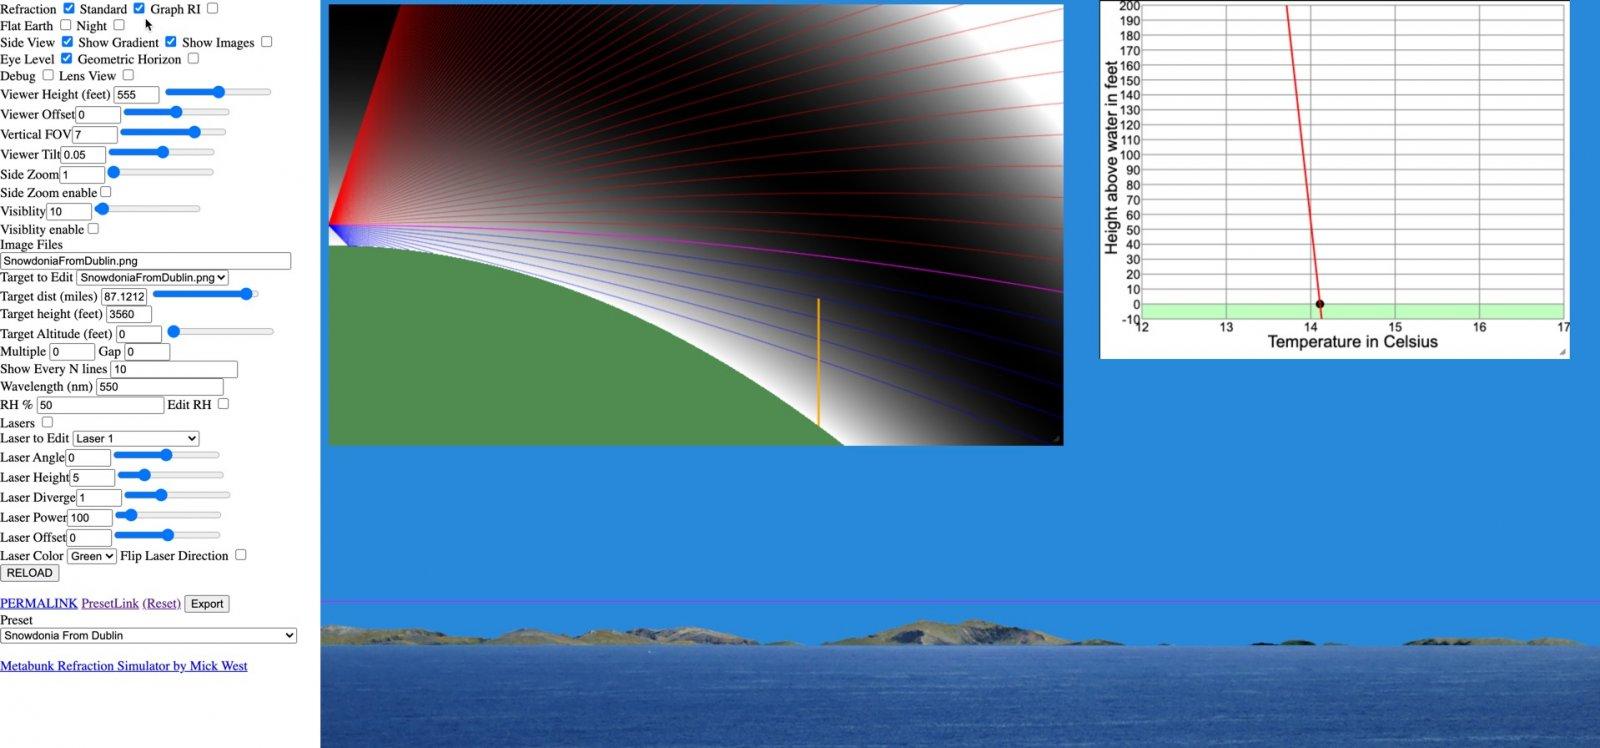 2021-06-12_09-09-33.jpg